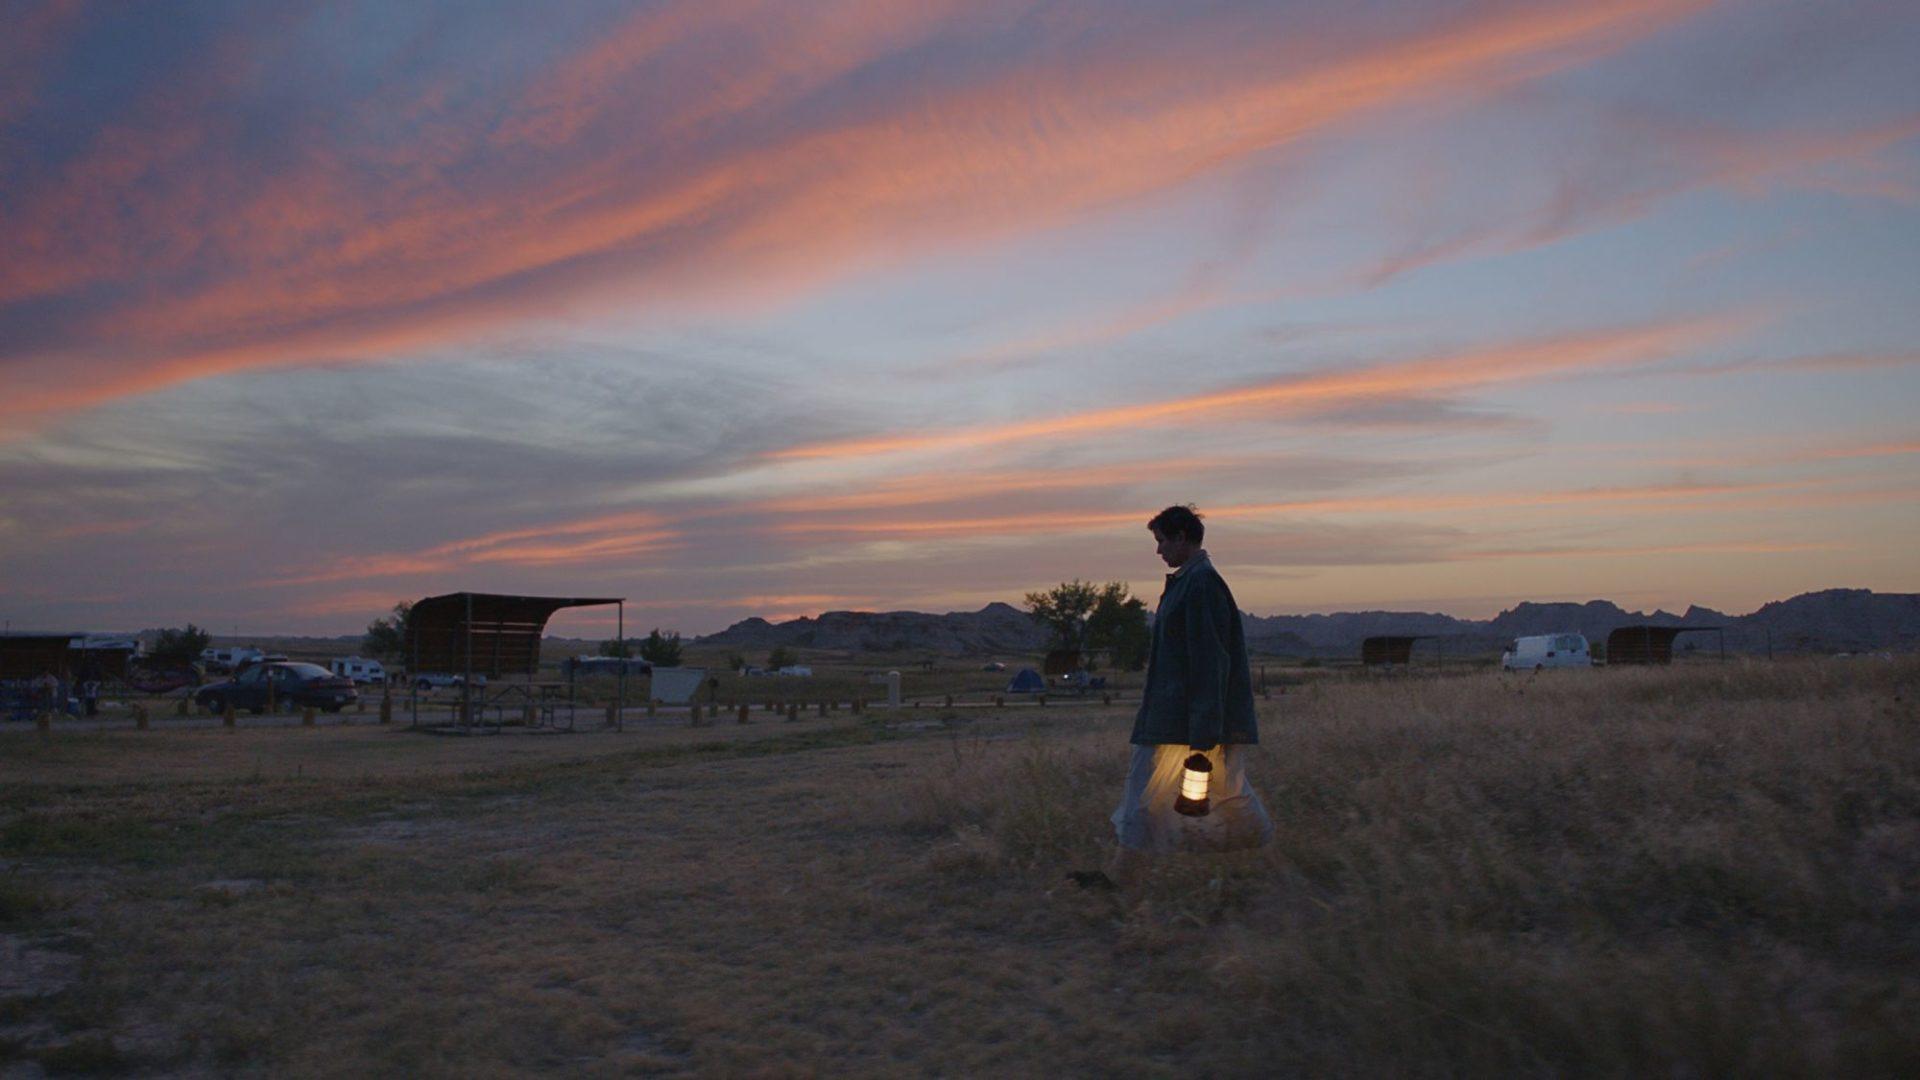 無雷/ 《游牧人生》(Nomadland):我們從不說再見,我們只說「路上見」。